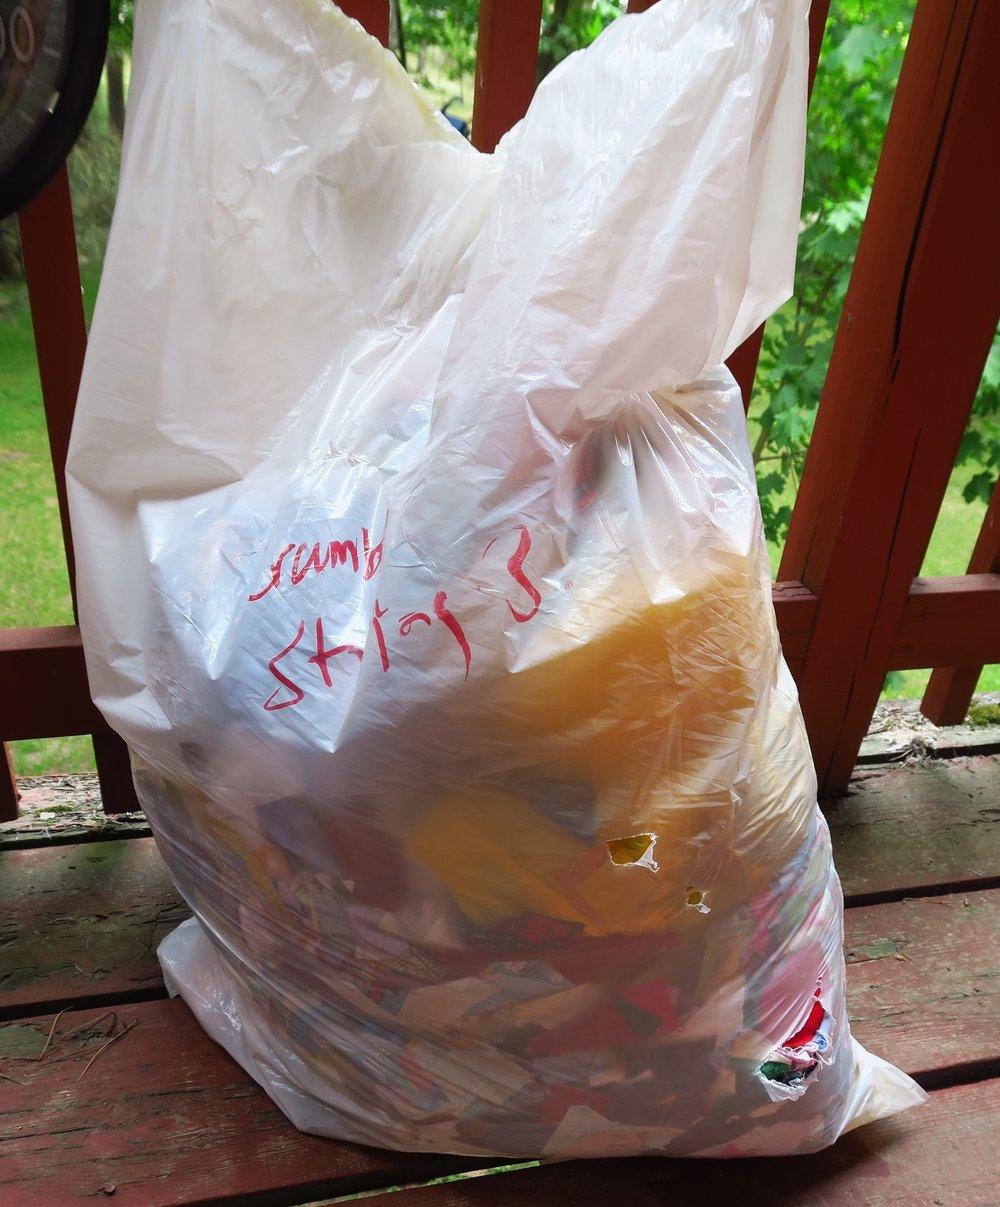 bag of strings, crumbs.jpg